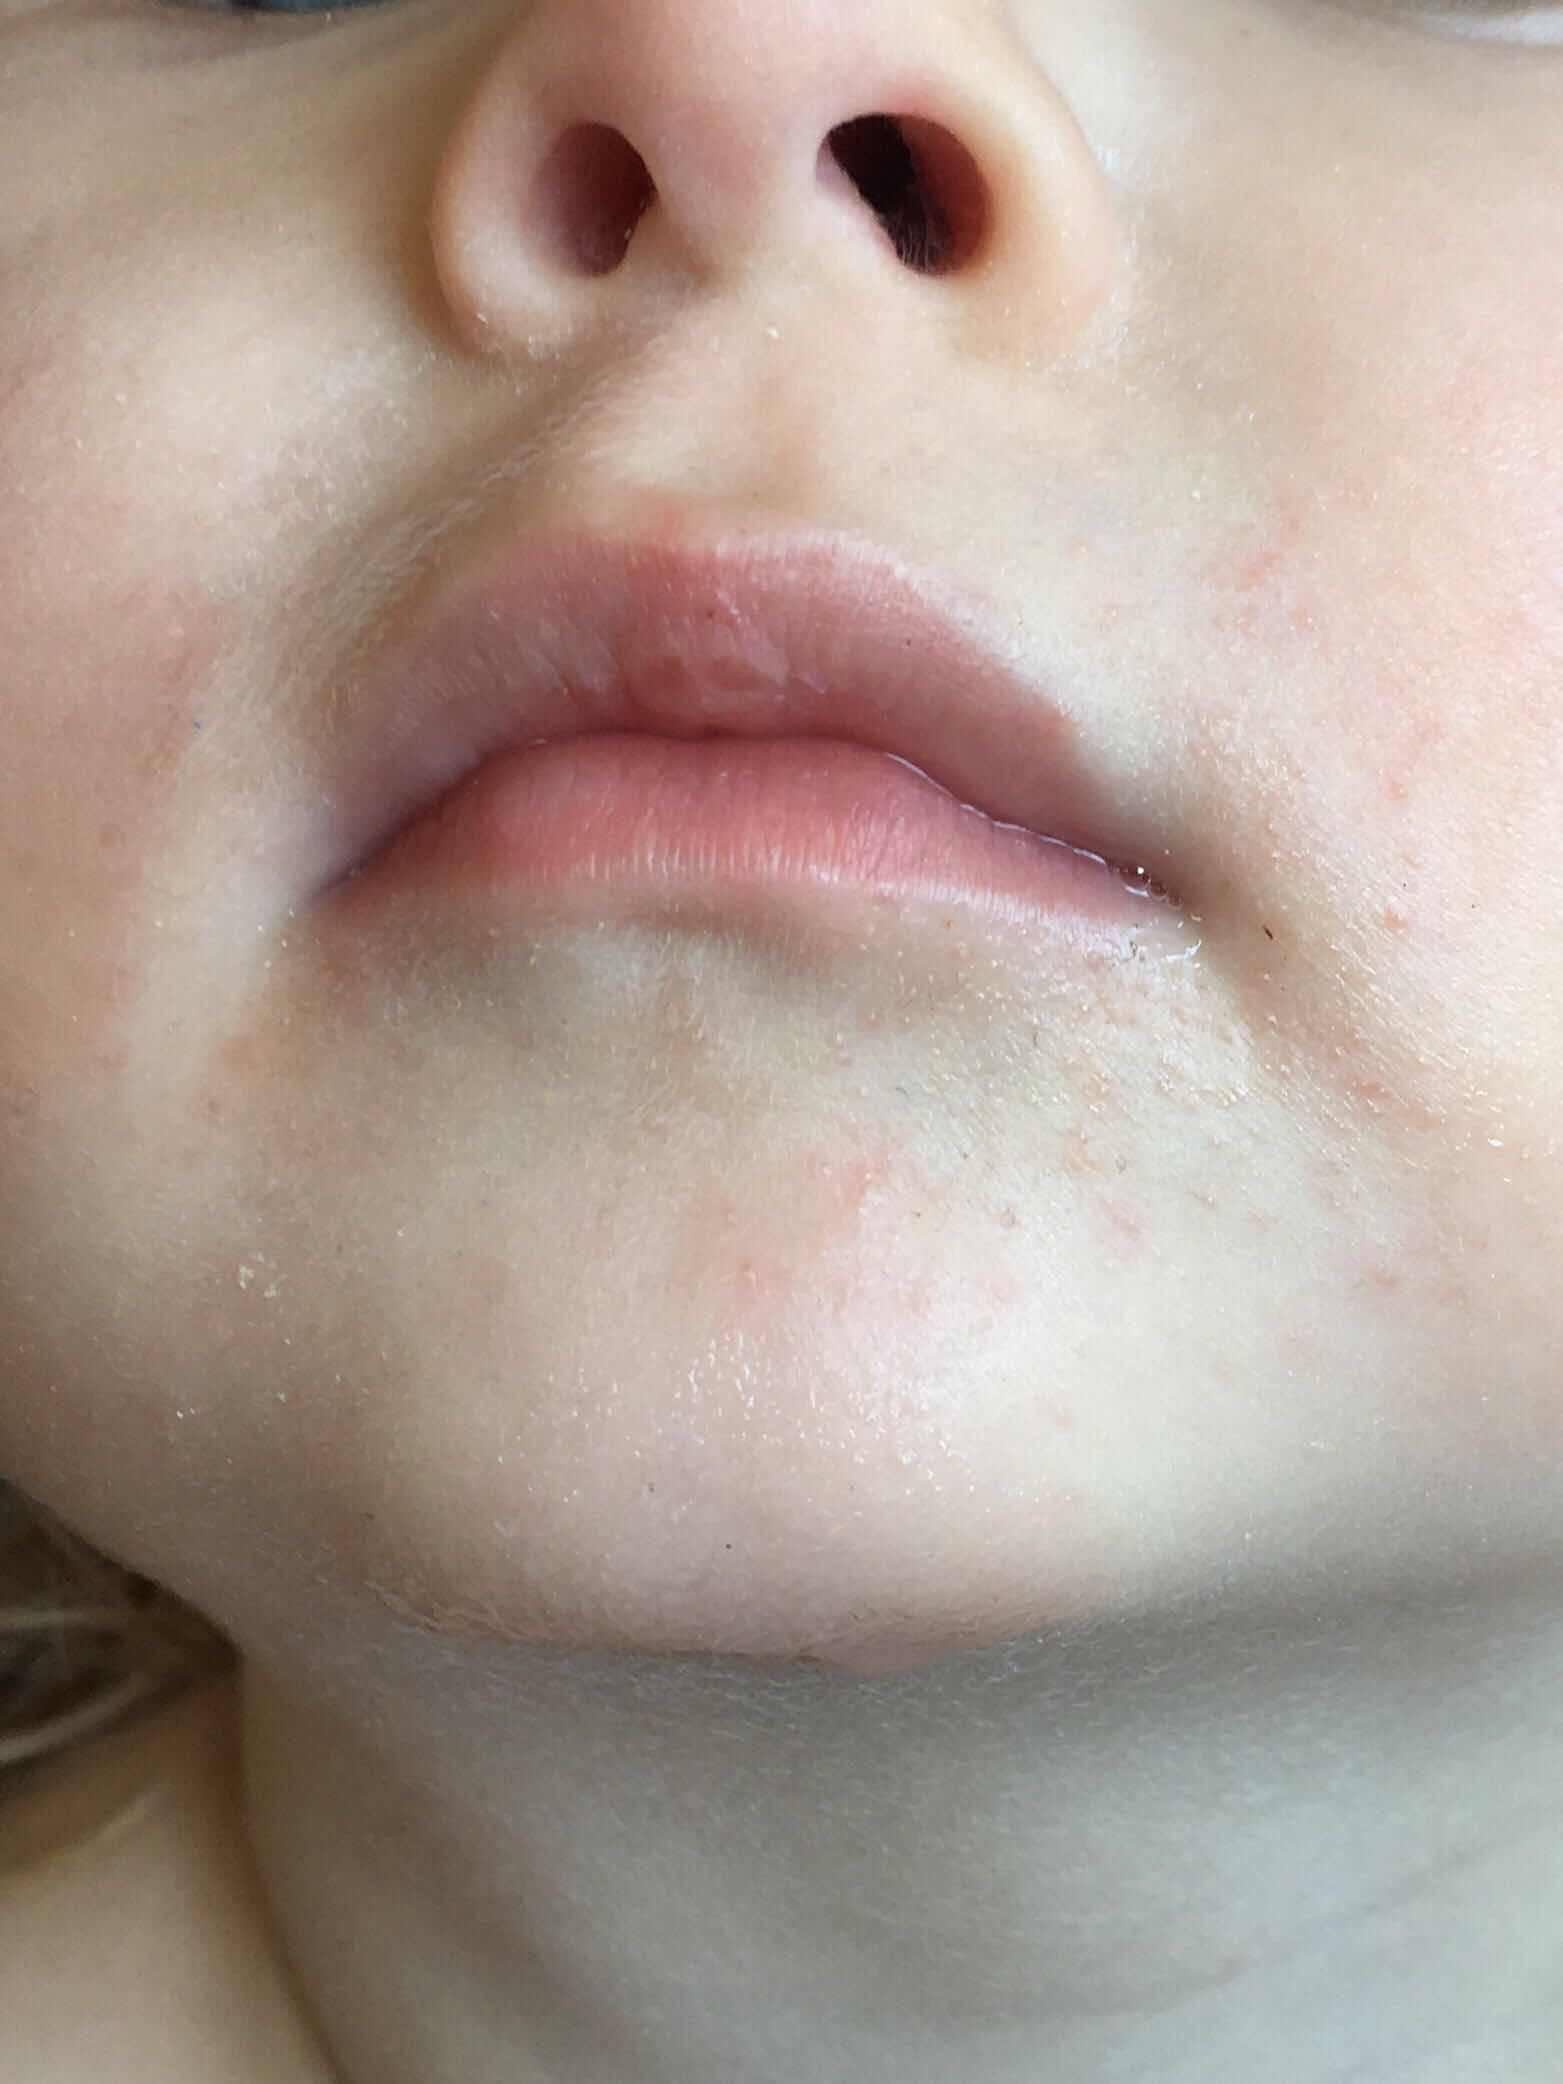 Чем лечить простуду на губе у новорожденного